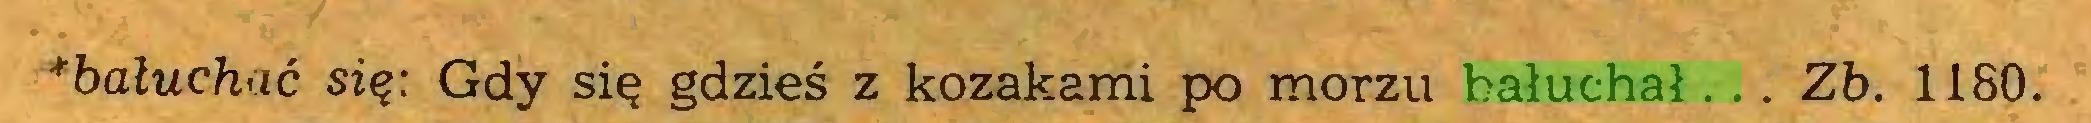 (...) **baluchać się: Gdy się gdzieś z kozakami po morzu bałuchał.. . Zb. 1180...